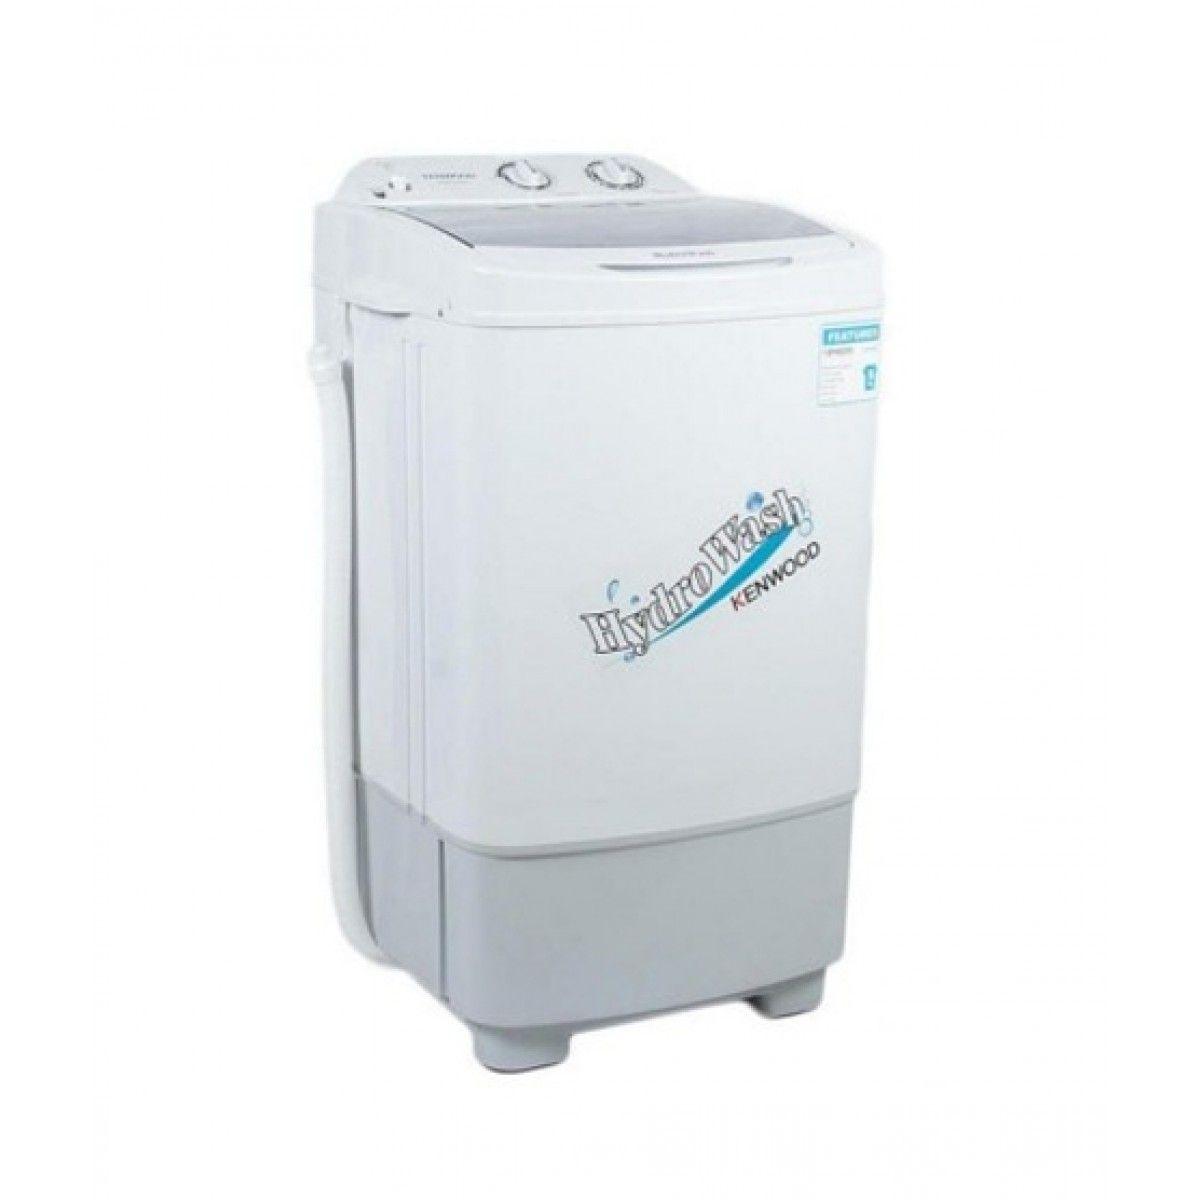 Kenwood KWS-1050S 10 KG Spin Dryer Washing Machine